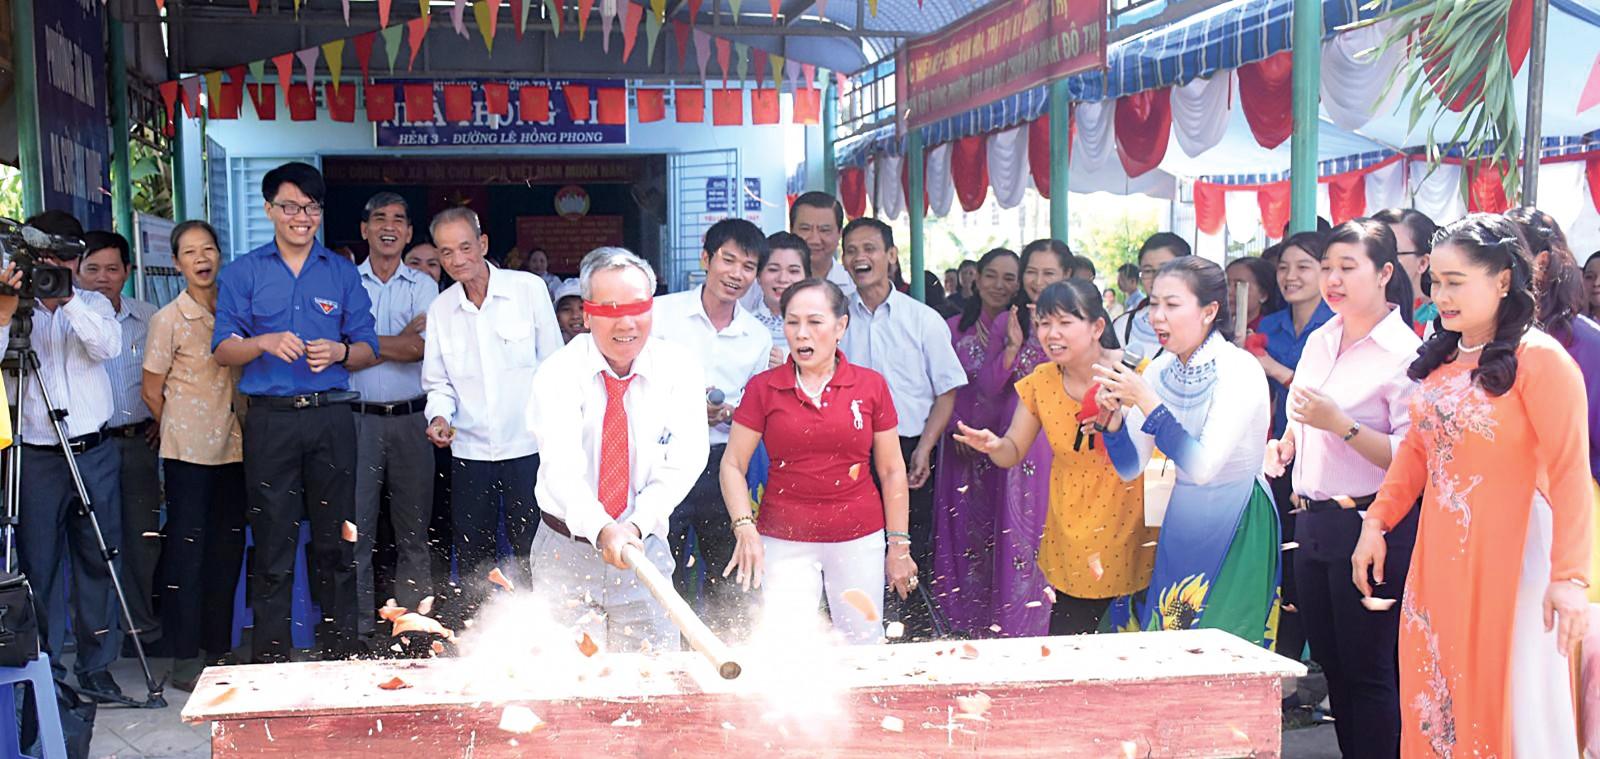 Ngày hội Đại đoàn kết ở khu vực 4, phường Trà An, quận Bình Thủy. Ảnh: KIM XUÂN